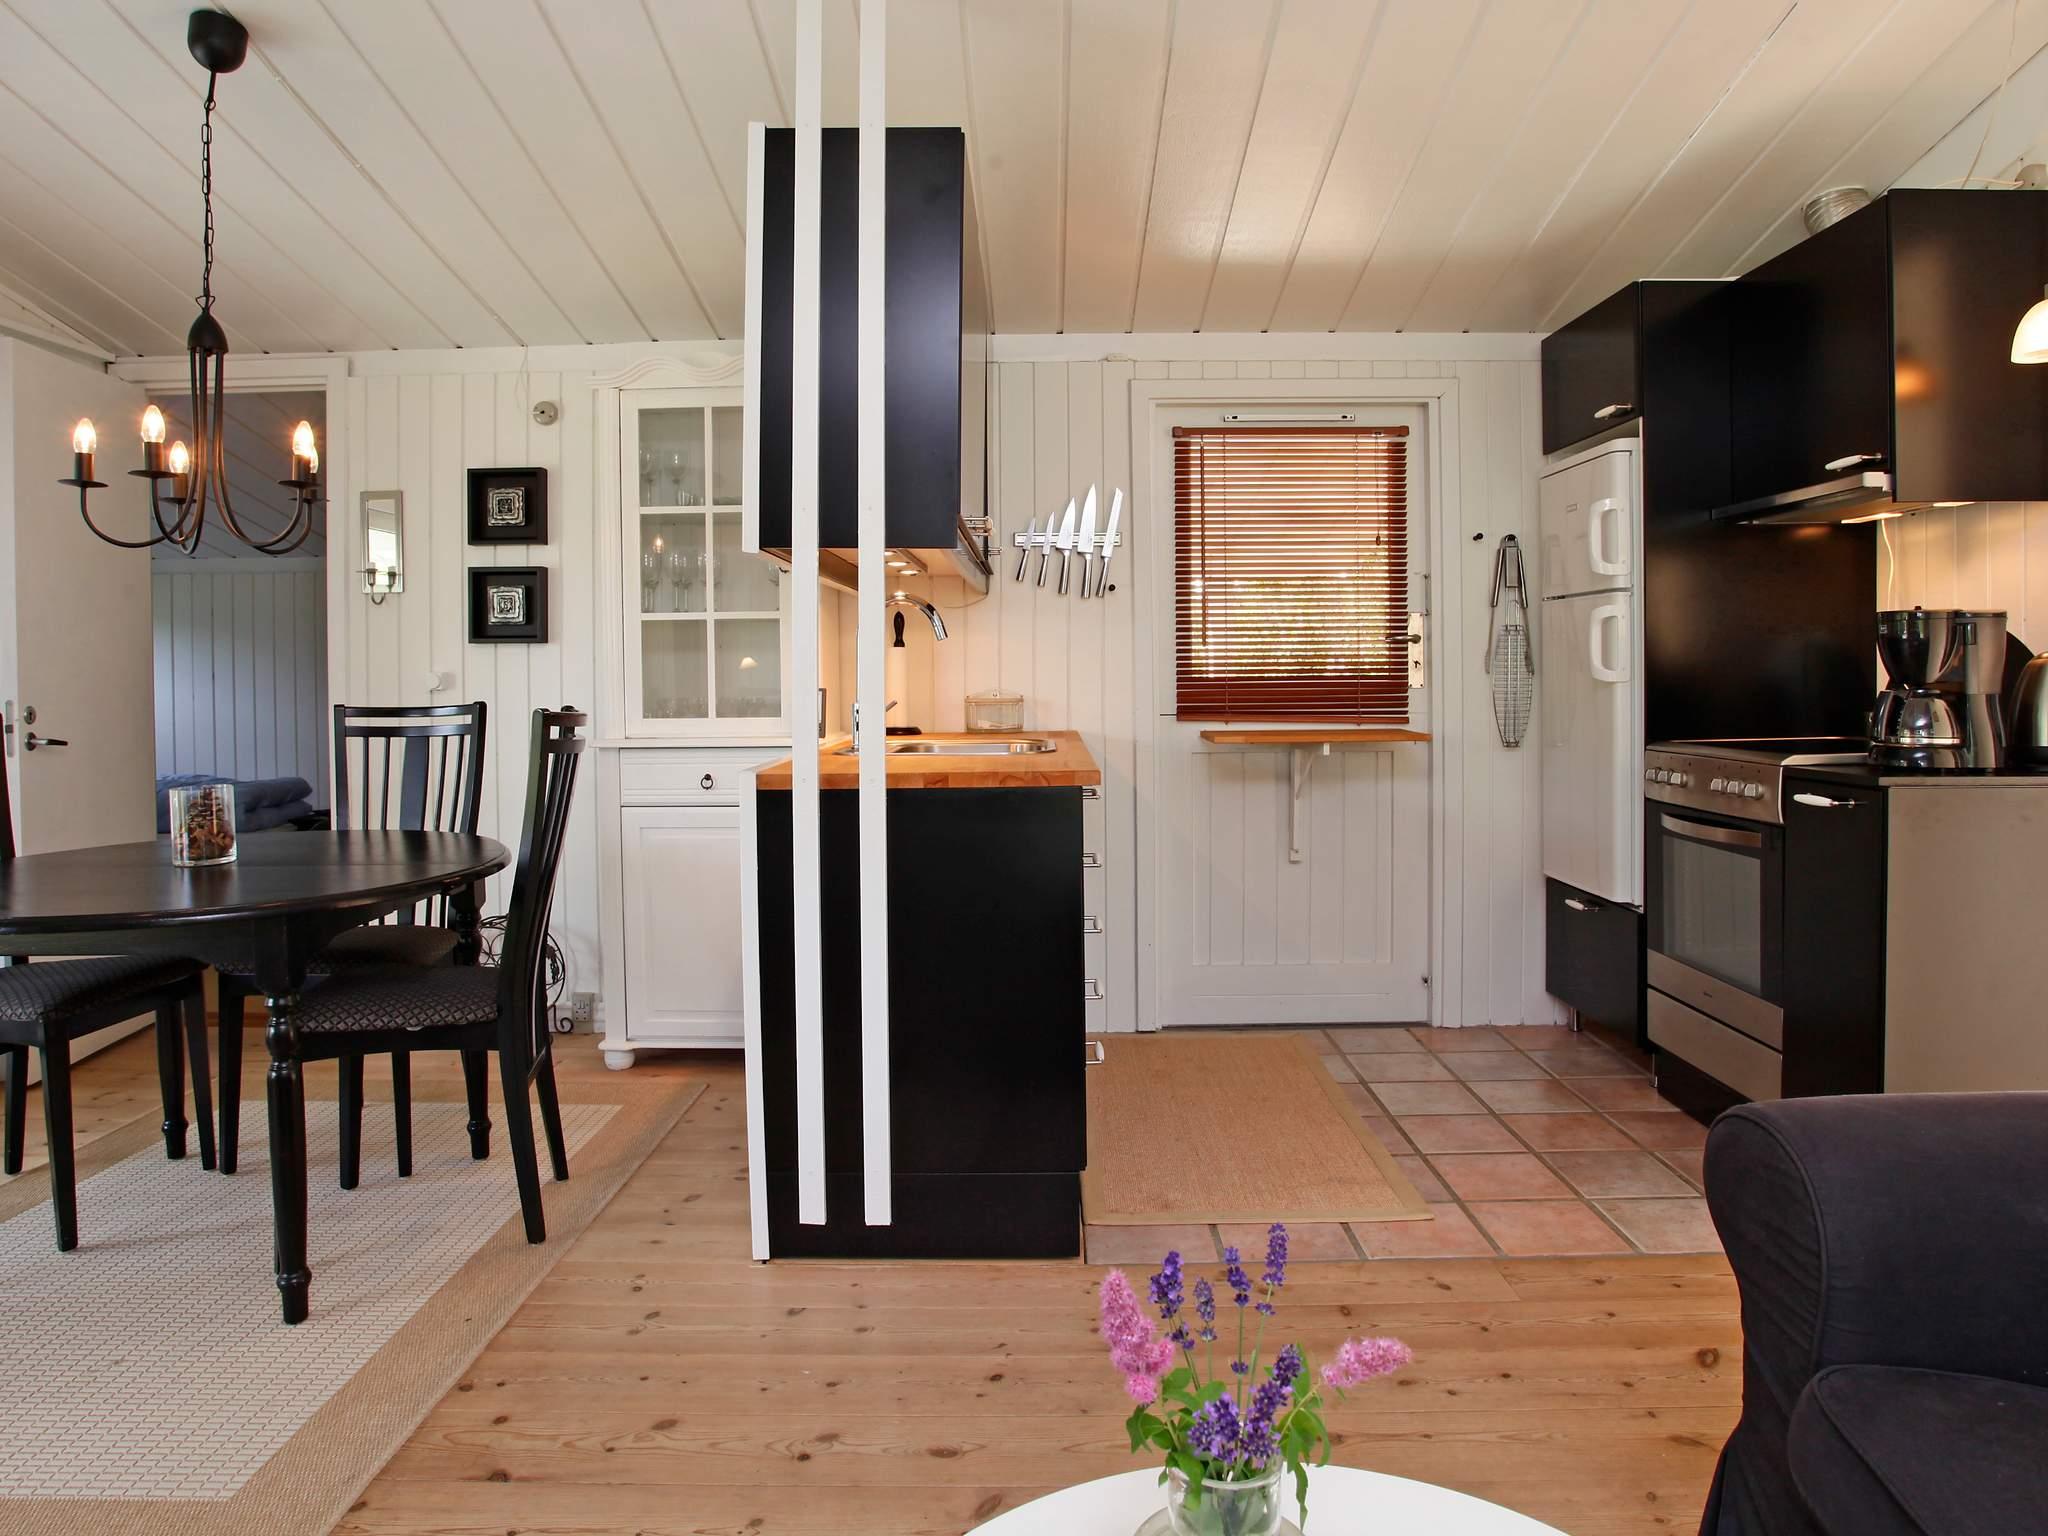 Ferienhaus Bøged (431196), Præstø, , Südseeland, Dänemark, Bild 6